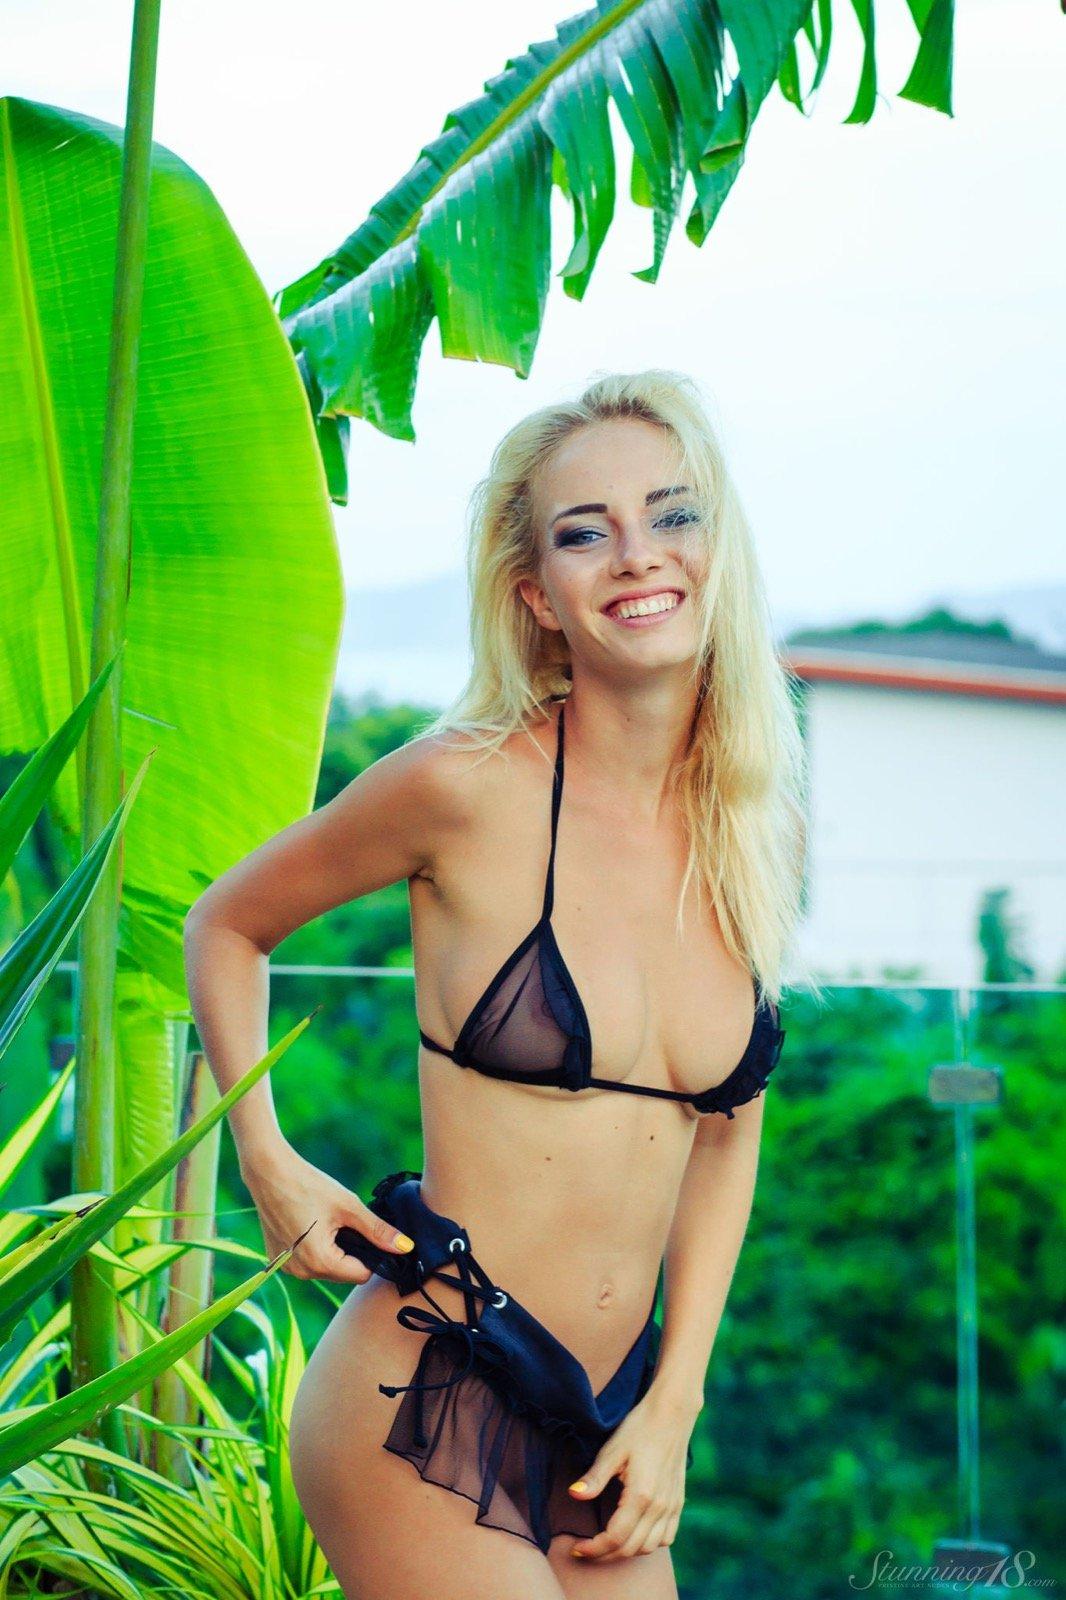 Неугомонная прекрасная блондинка позирует в сексуальном белье